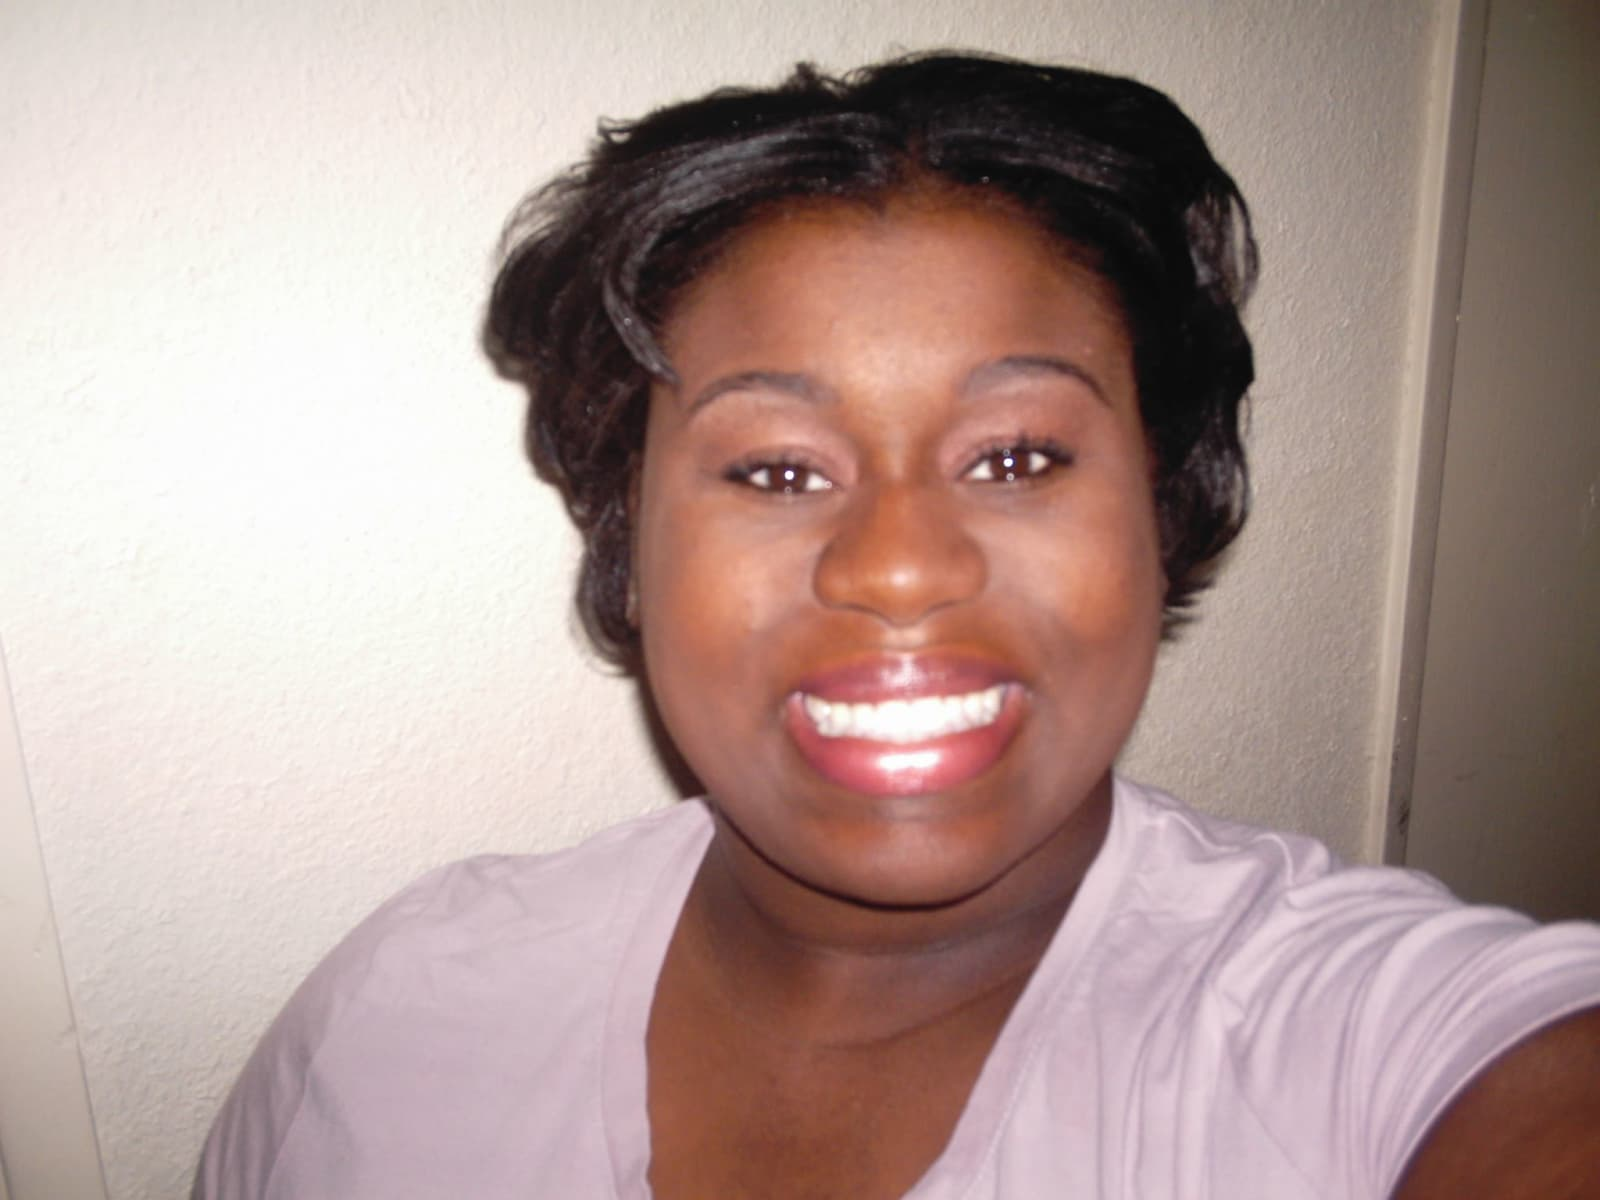 Bridget from Tacoma, Washington, United States